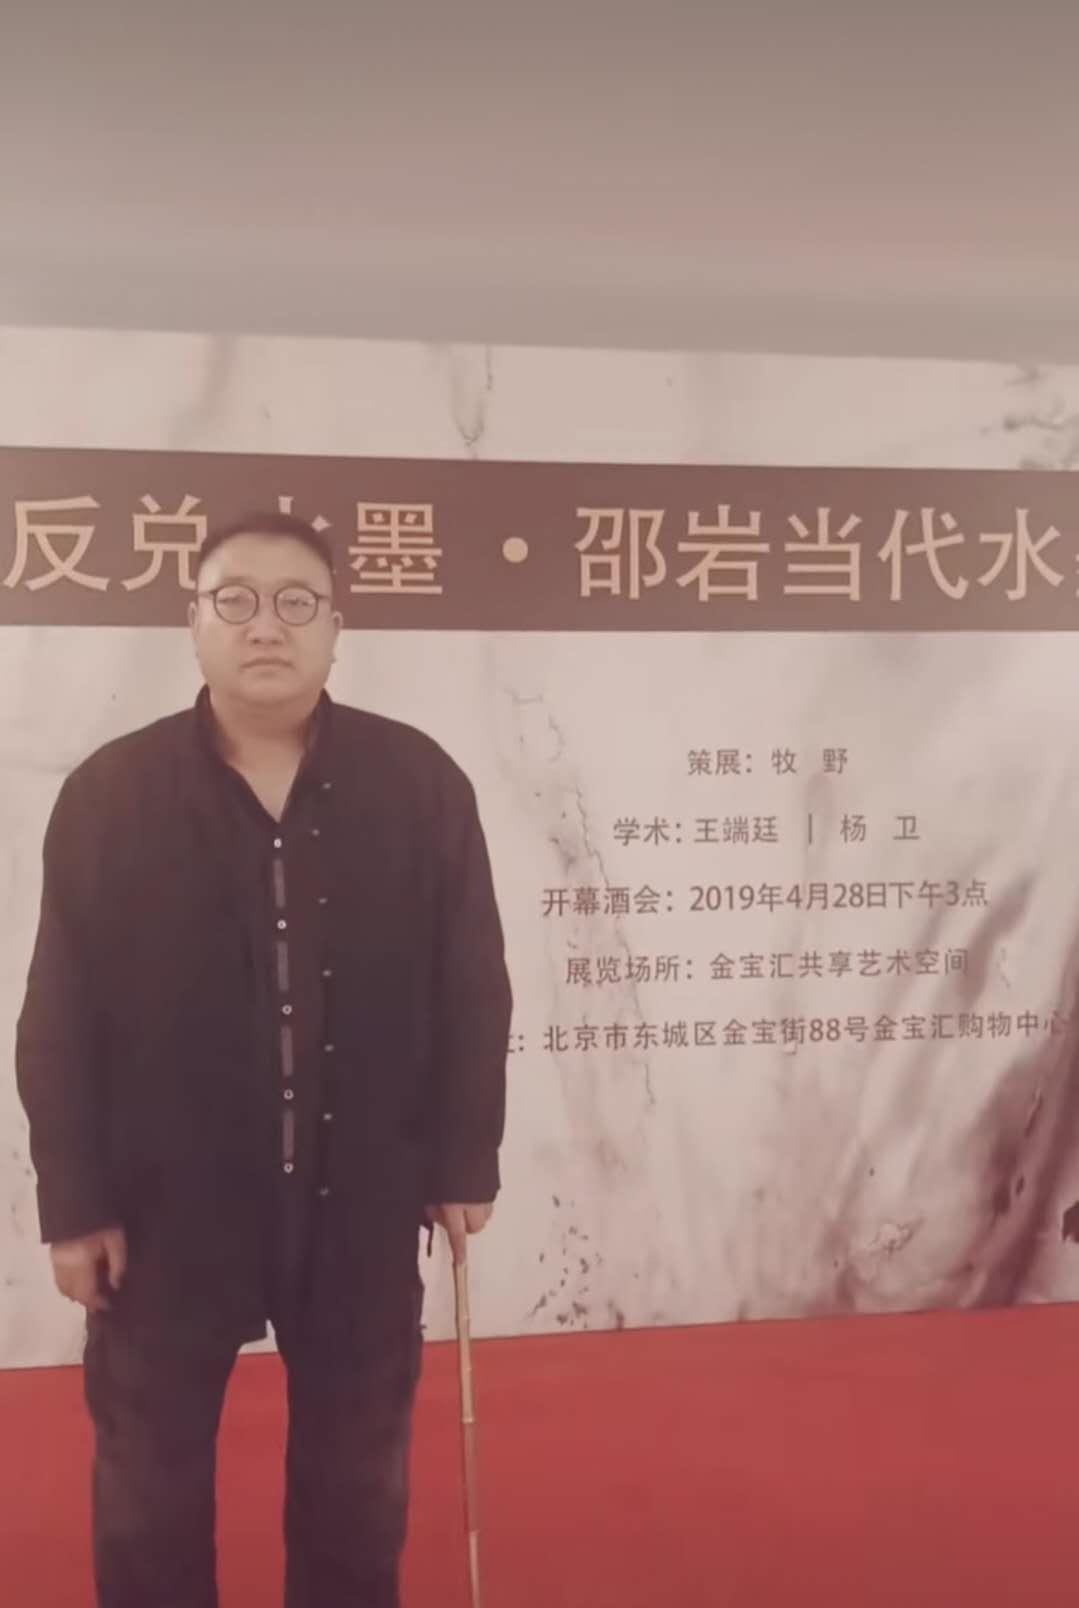 郭万禄老师参加邵岩老师书法展